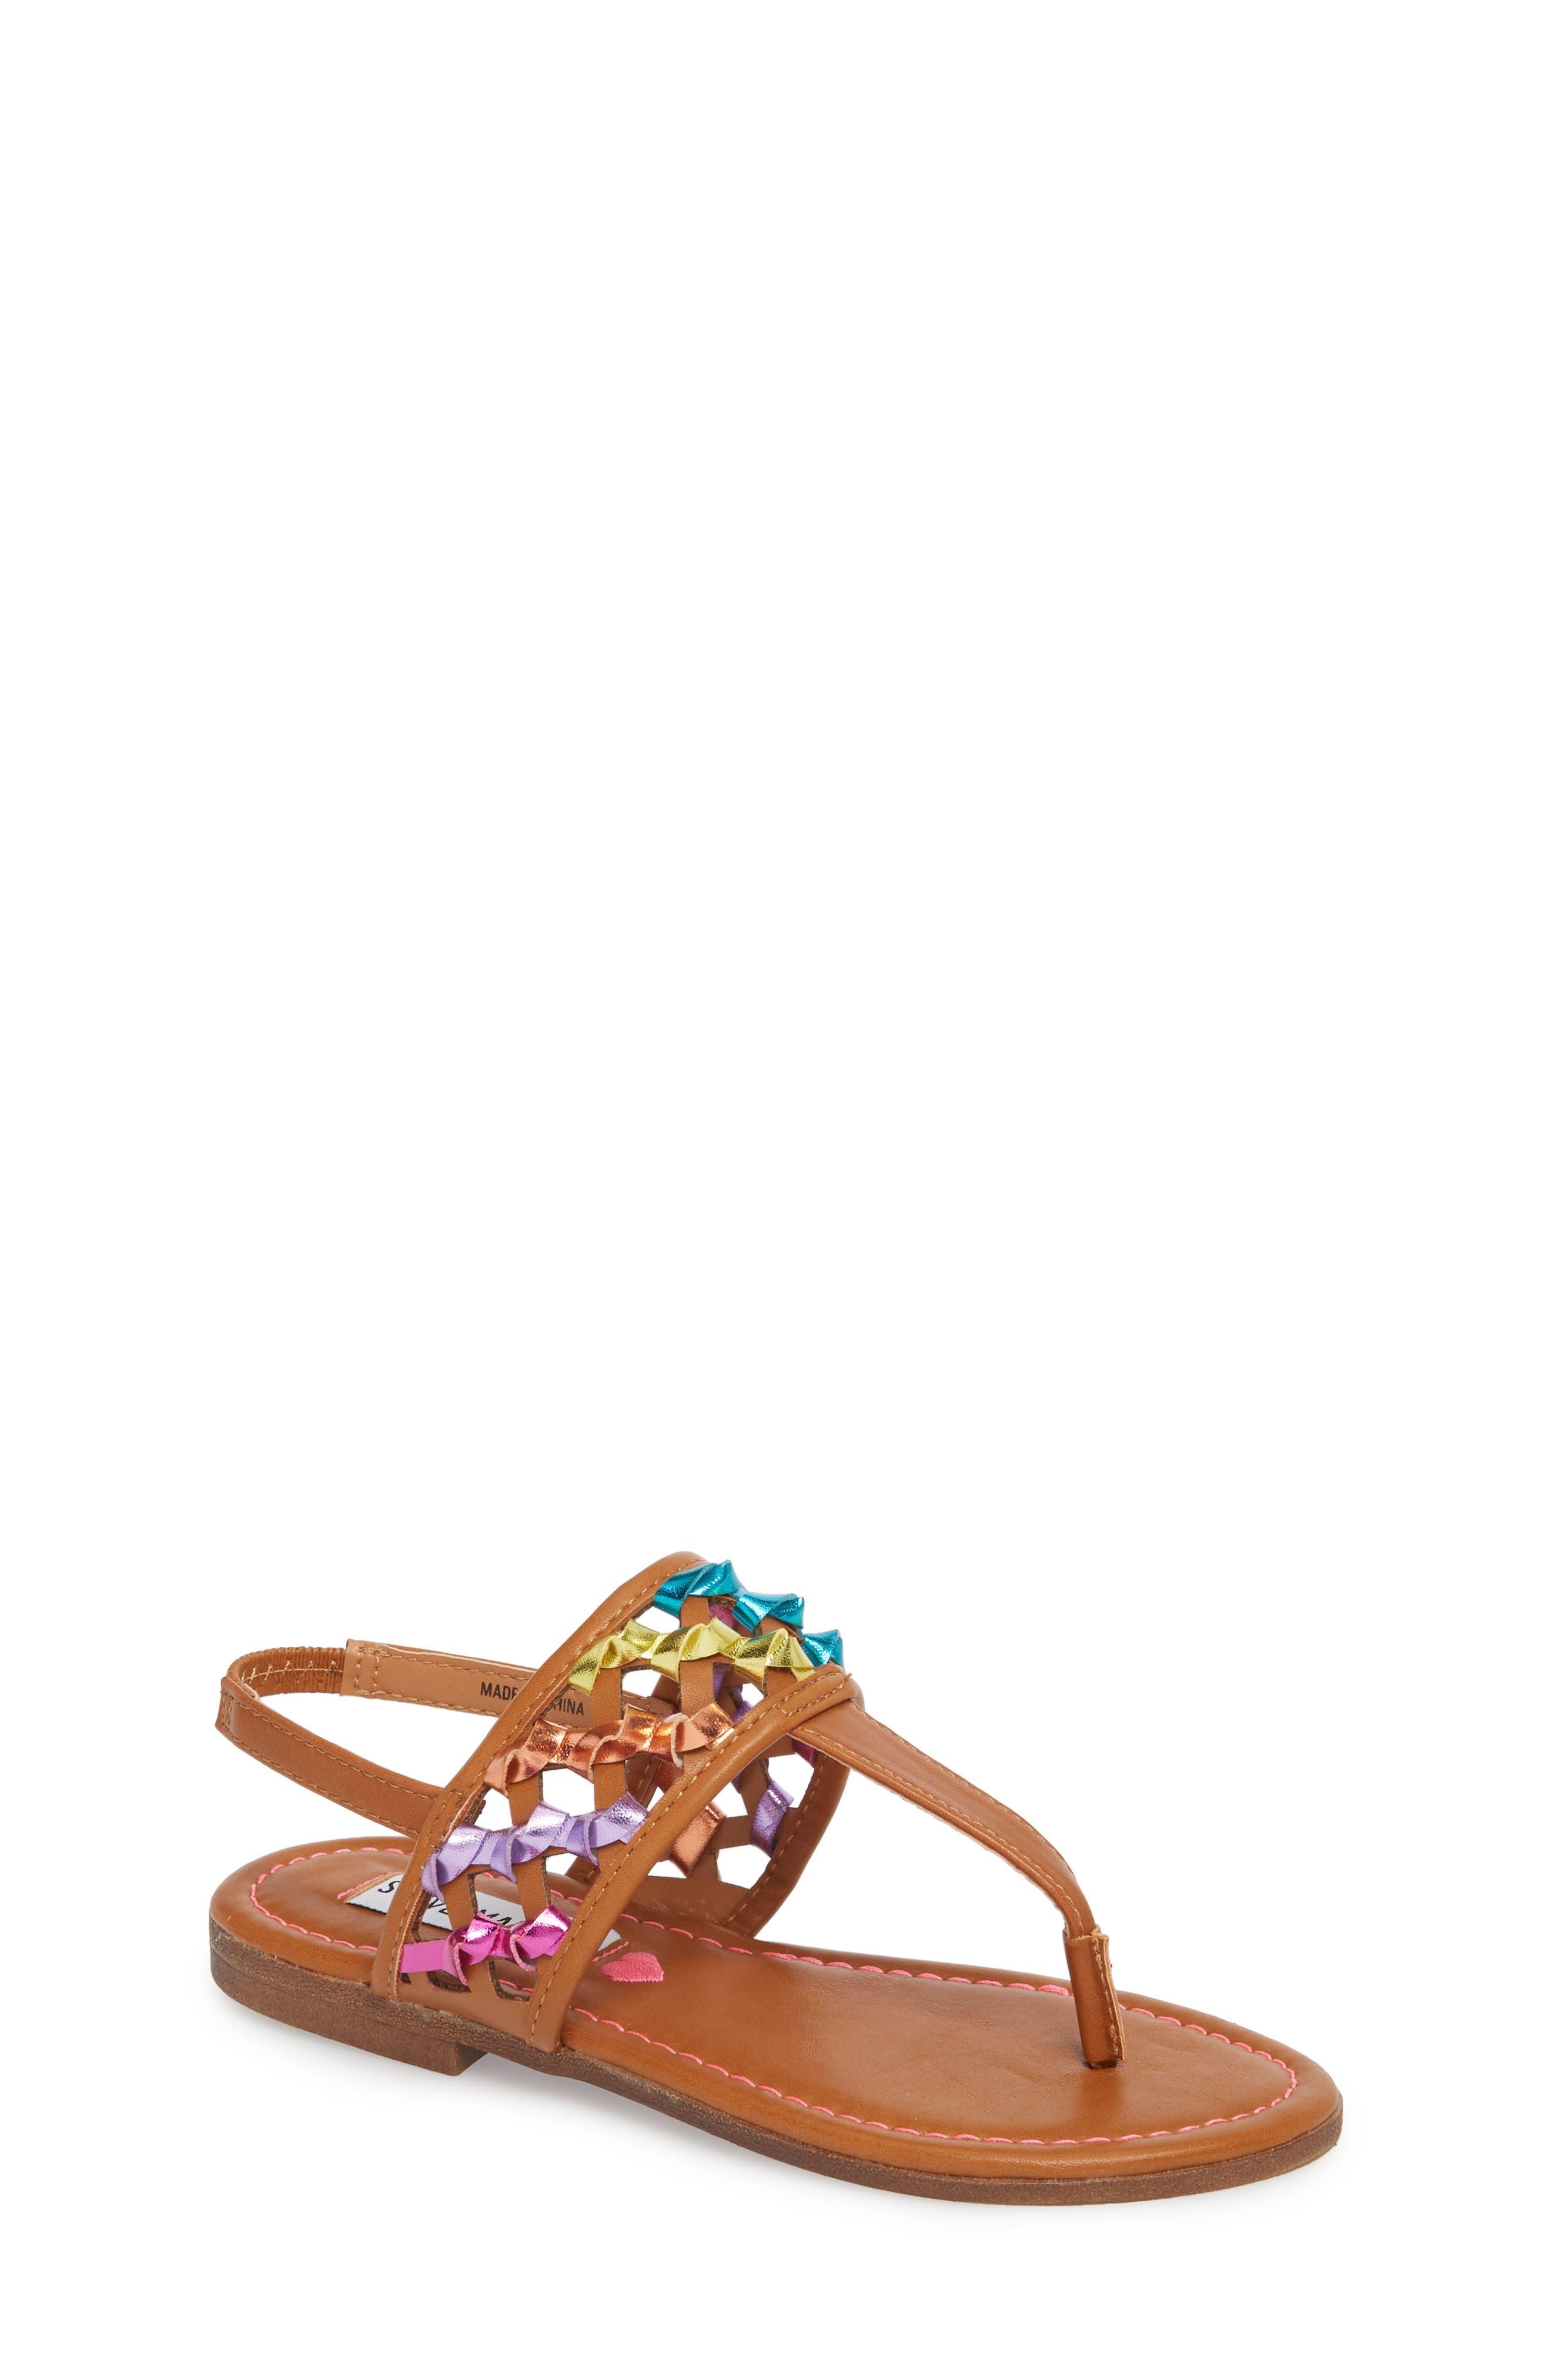 JTWIZZLE Knotted T-Strap Sandal,                         Main,                         color, 200